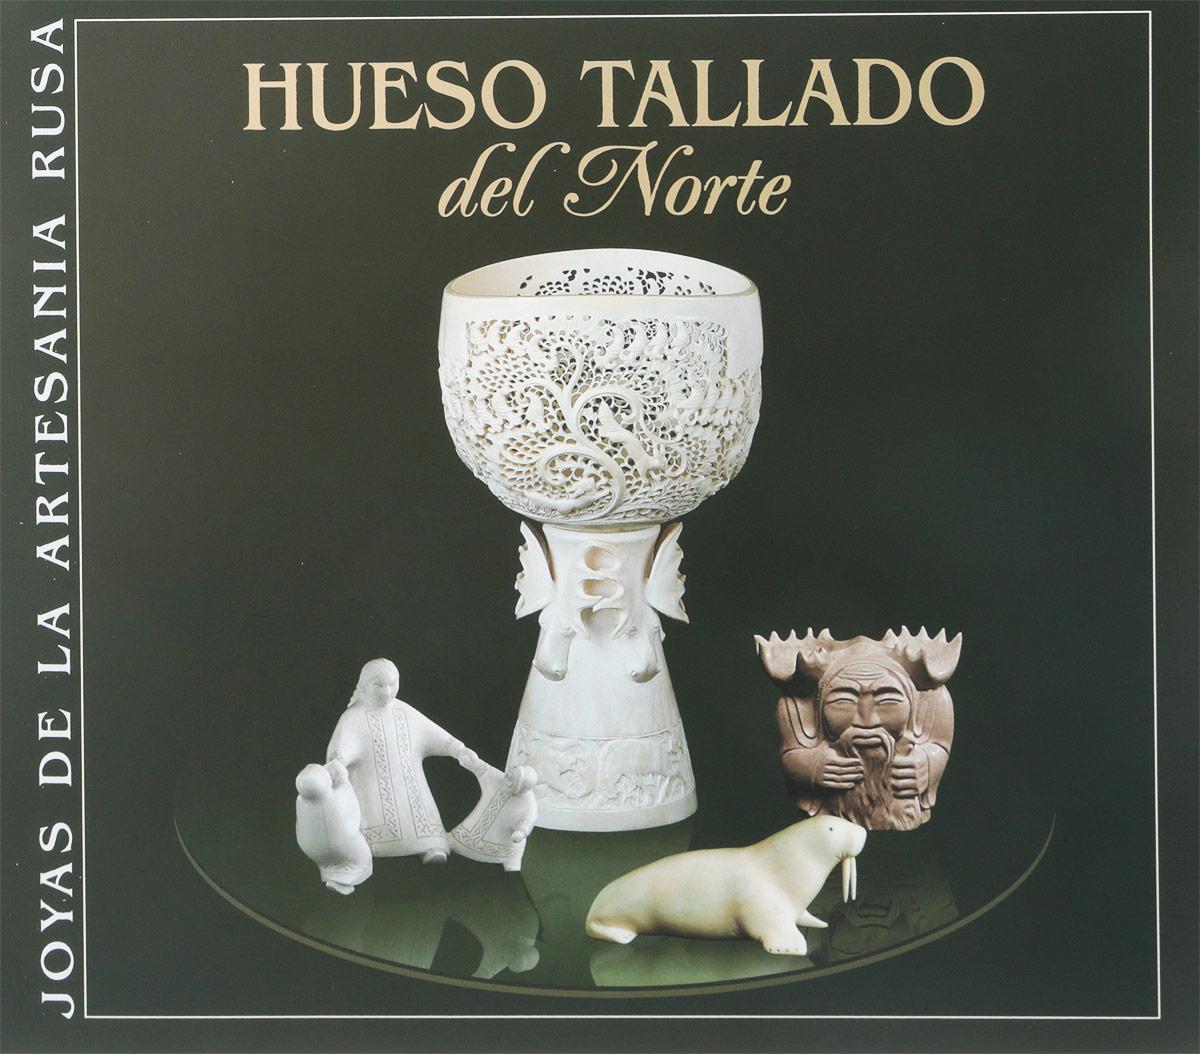 Северная резная кость / Hueso Tallado del Norte (на испанском языке)